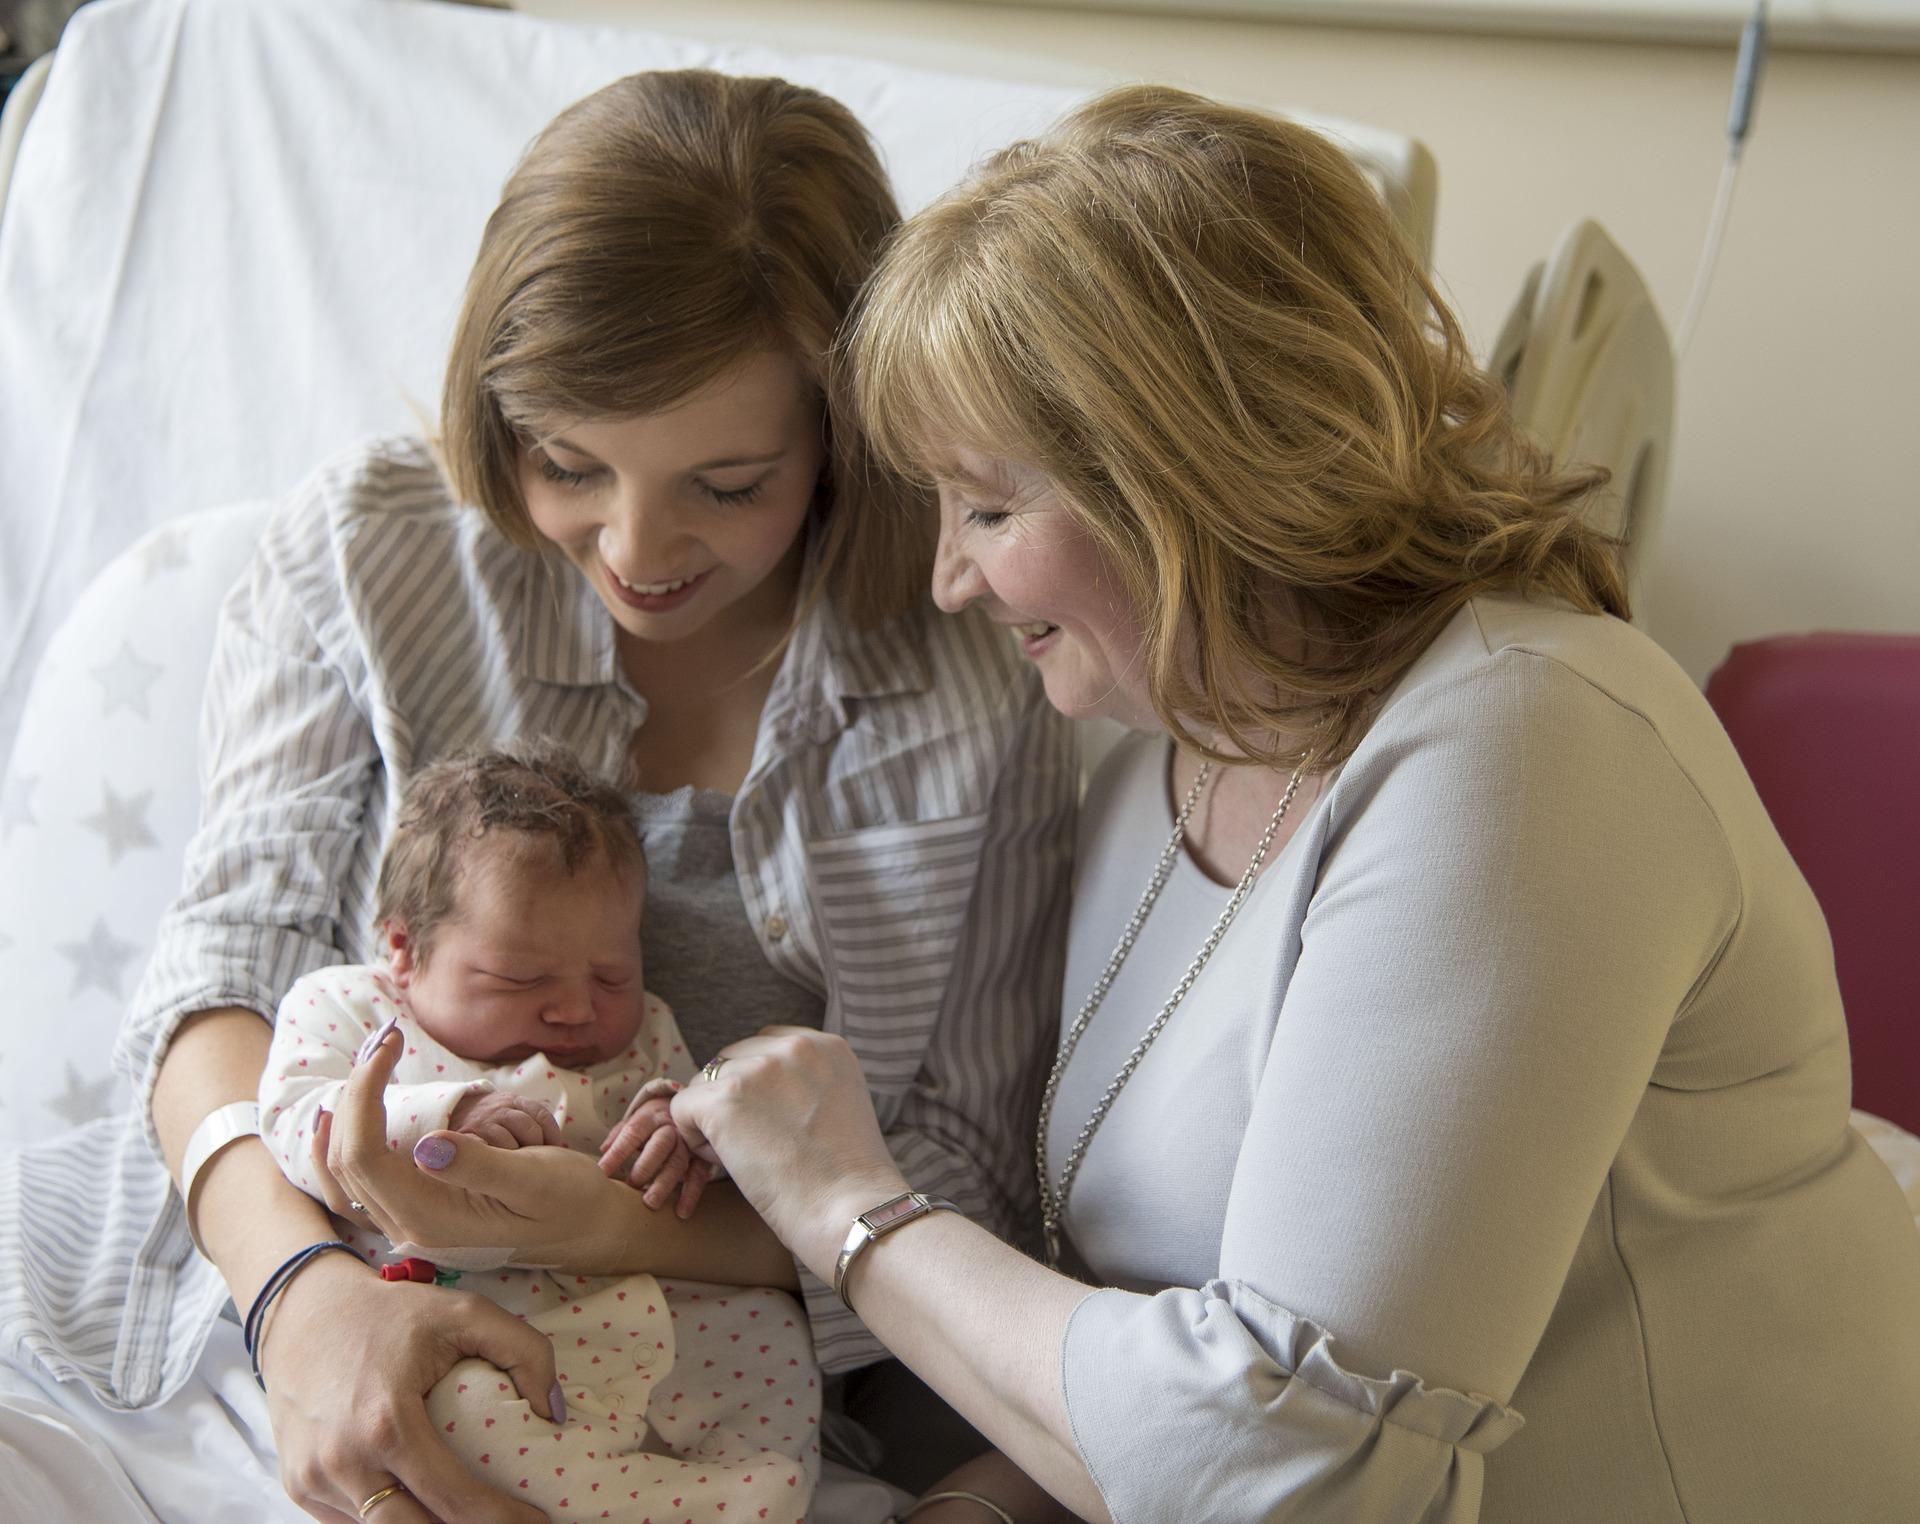 Máme v rodině dědičné potíže s kojením. Co s tím?